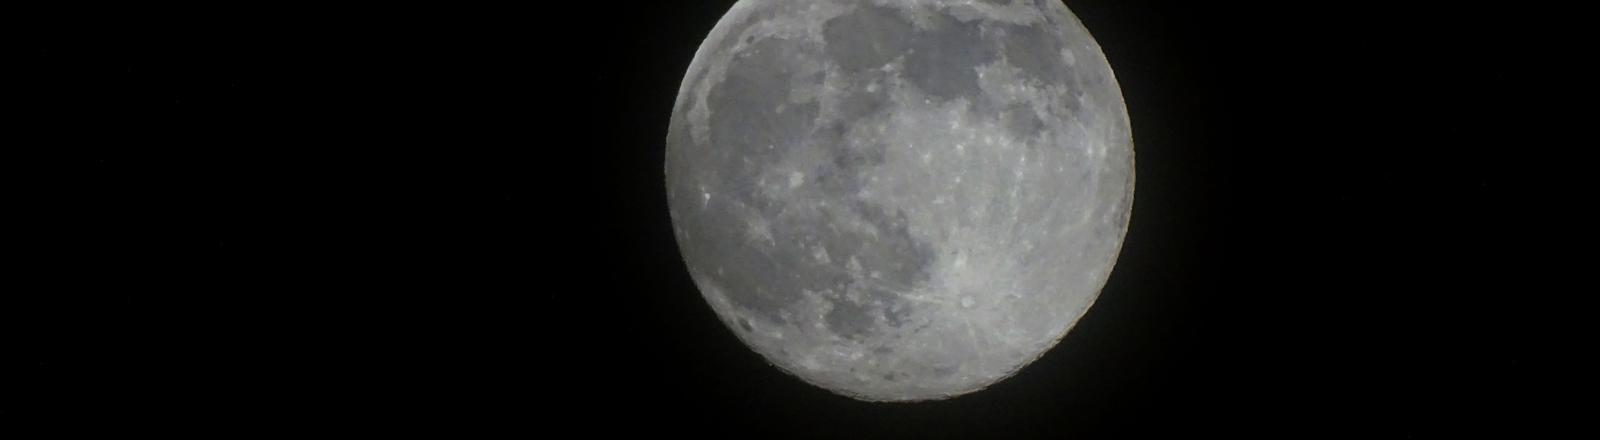 Vollmond am schwarzen Nachthimmel